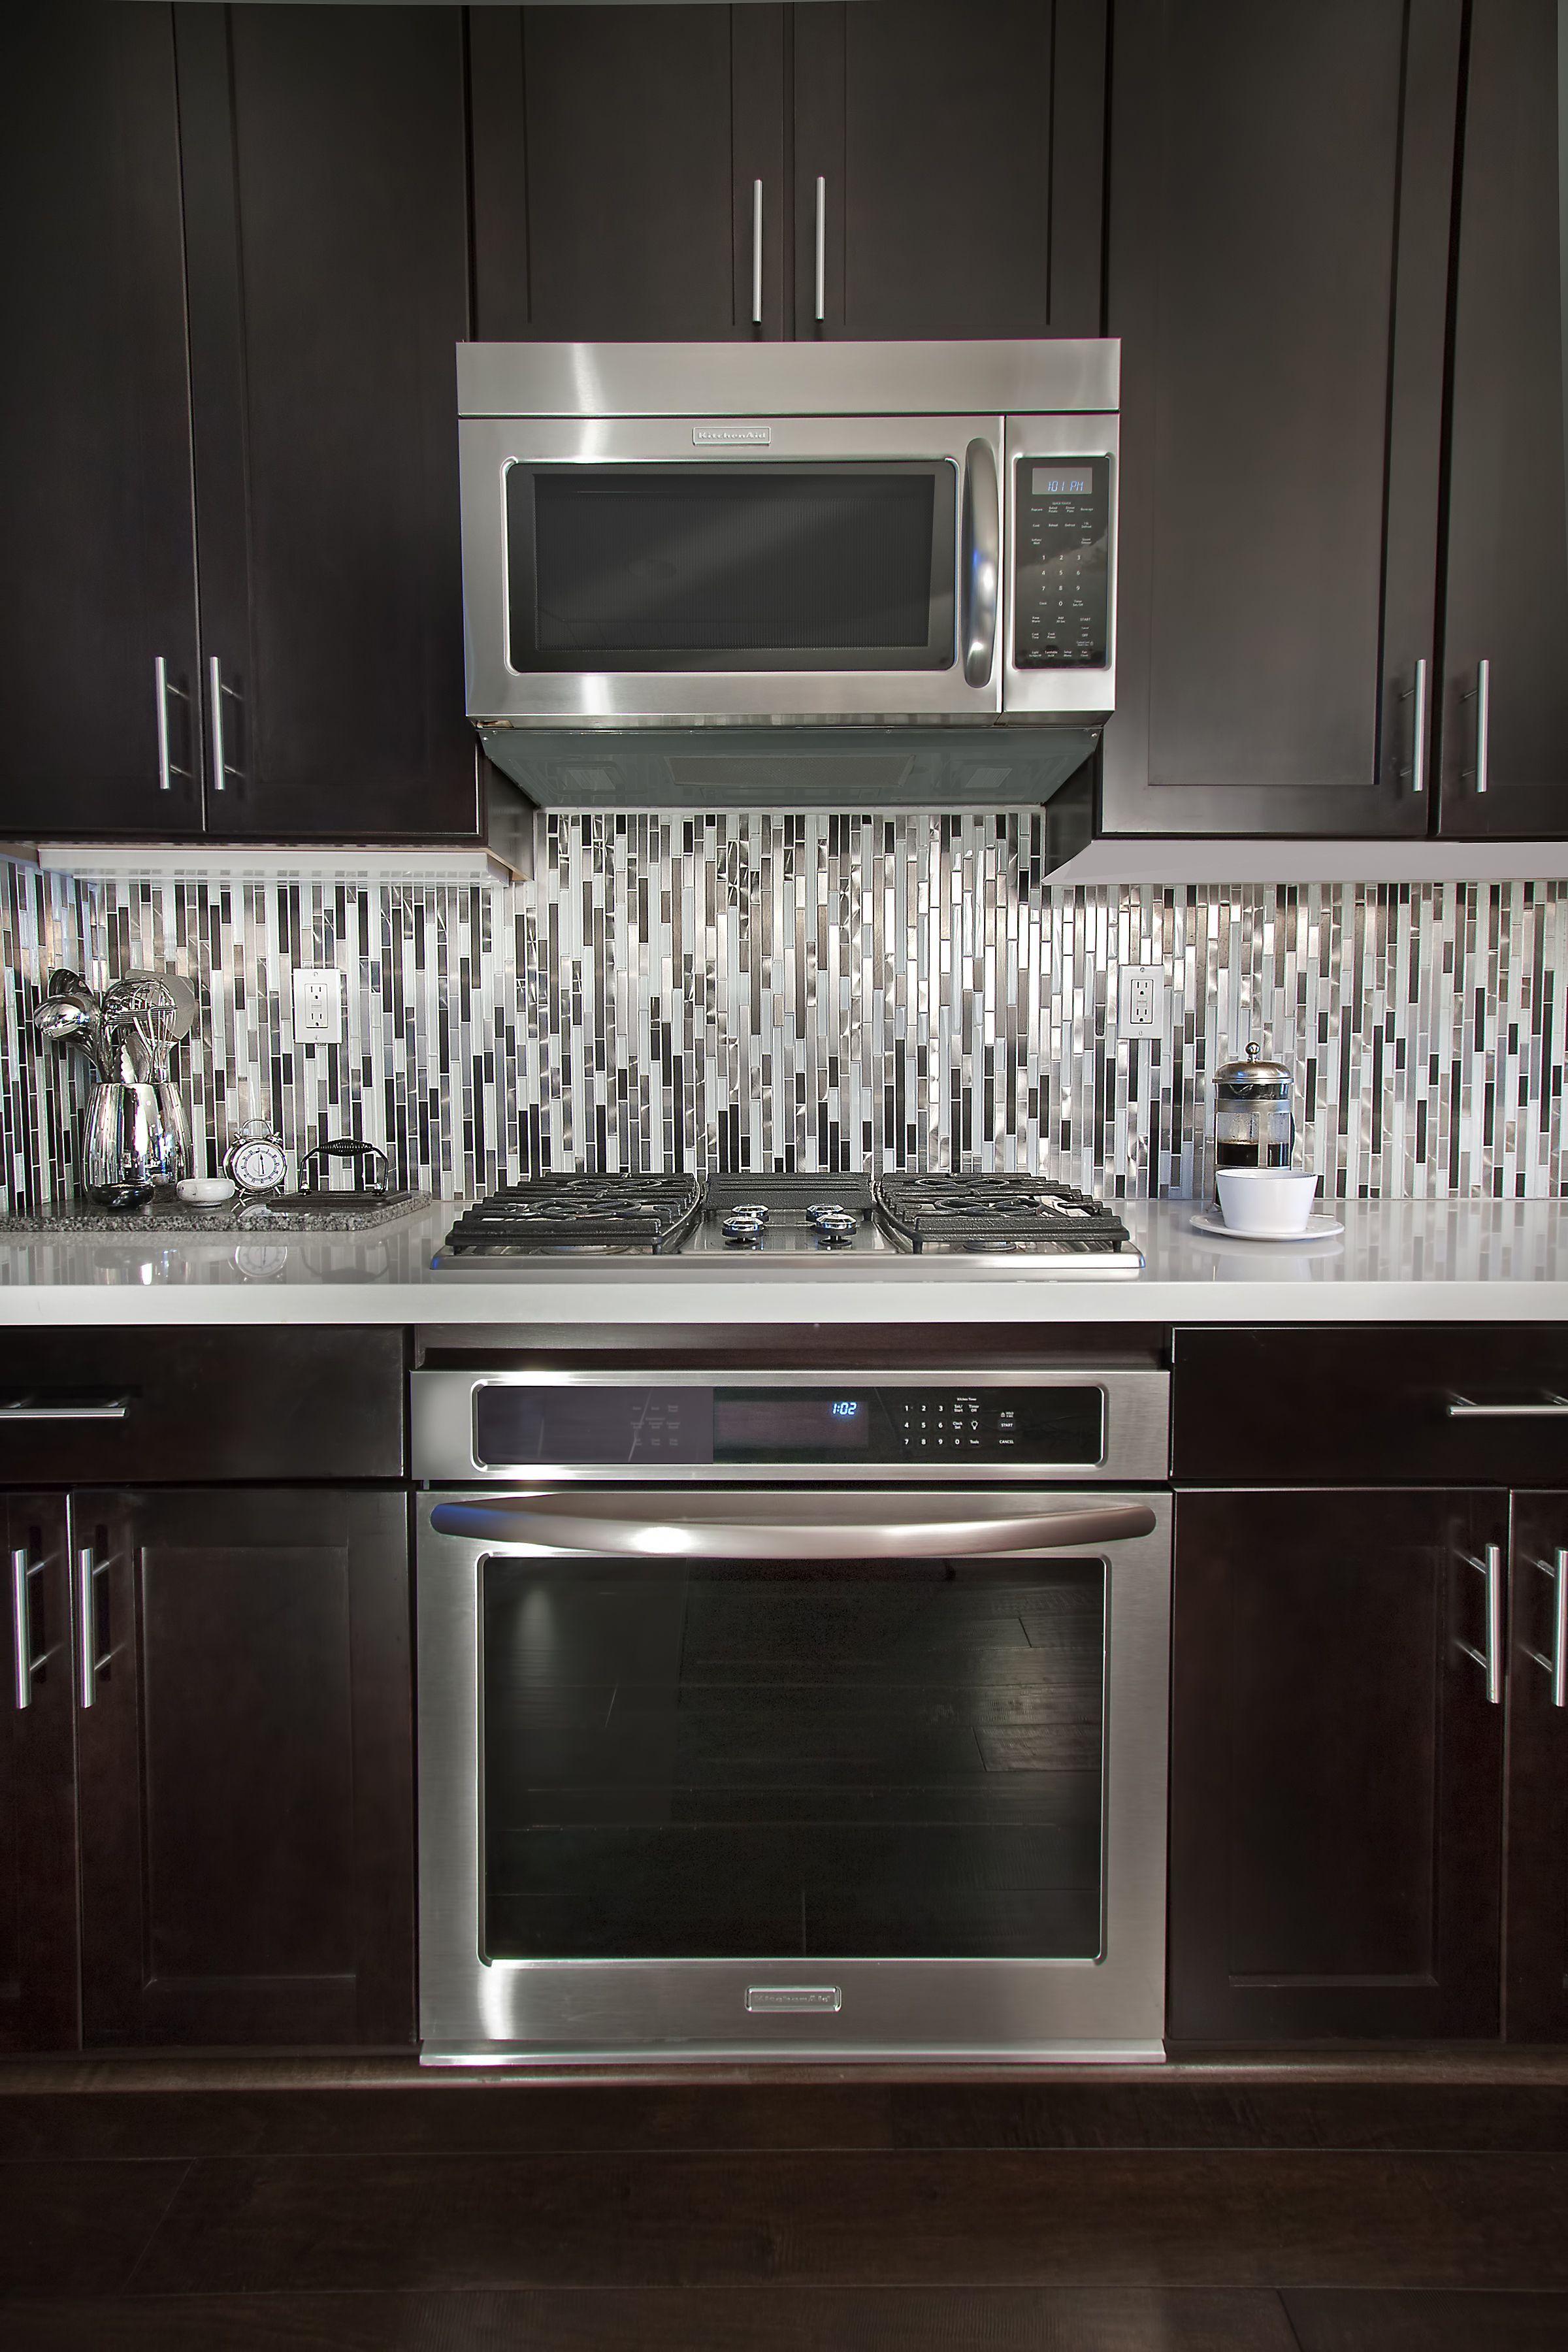 - BEST Kitchen Backsplash I've Ever Seen! Just Love The Picture